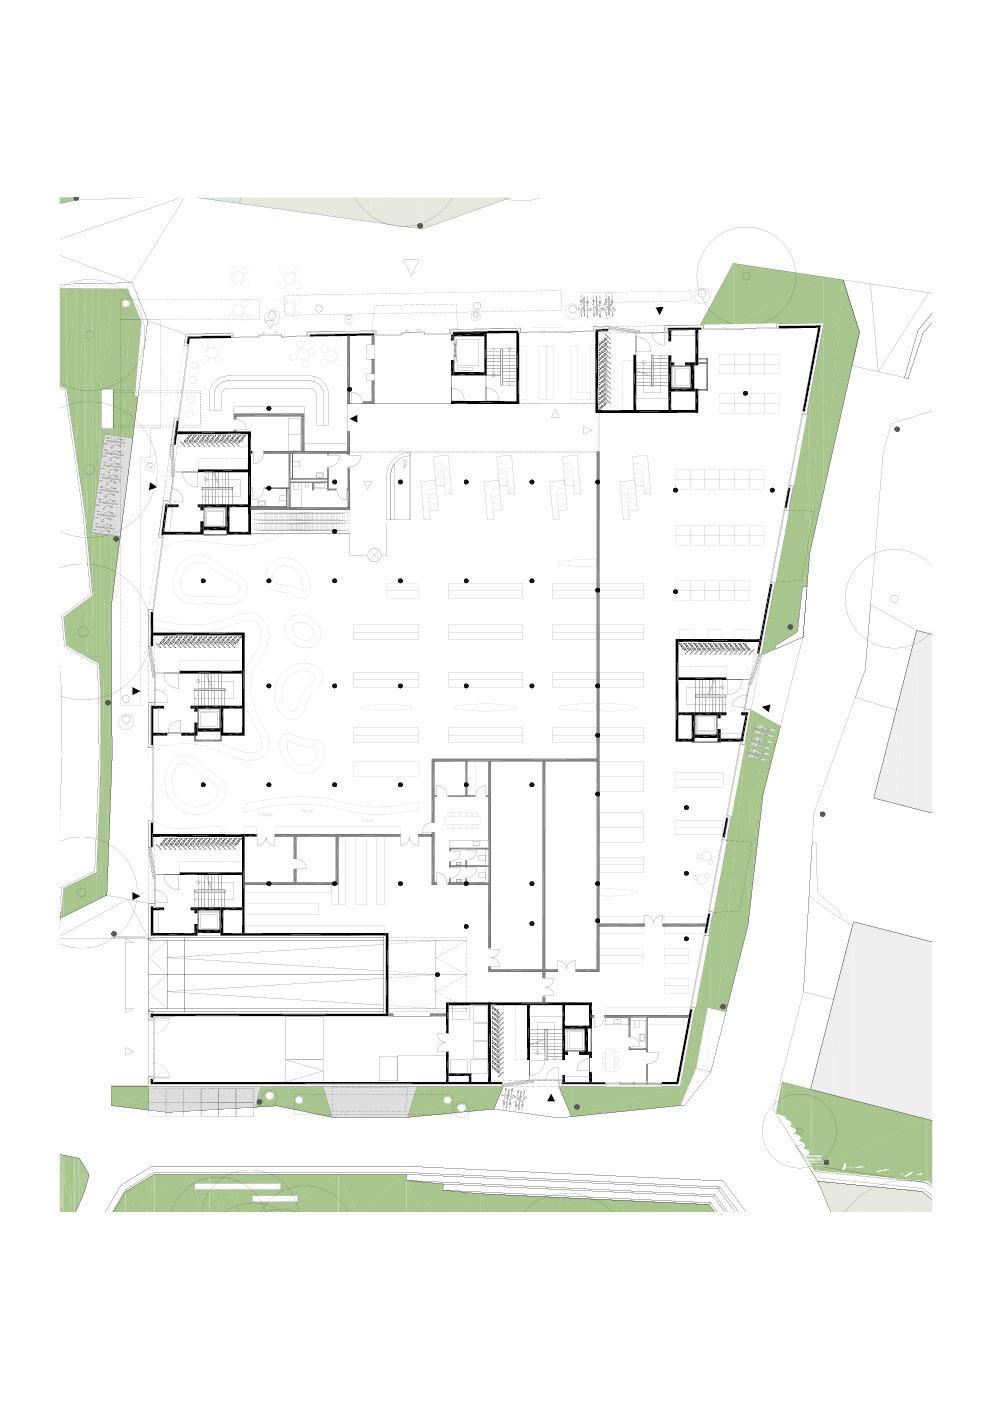 A2 - 2.343 m² - Markthalle EG